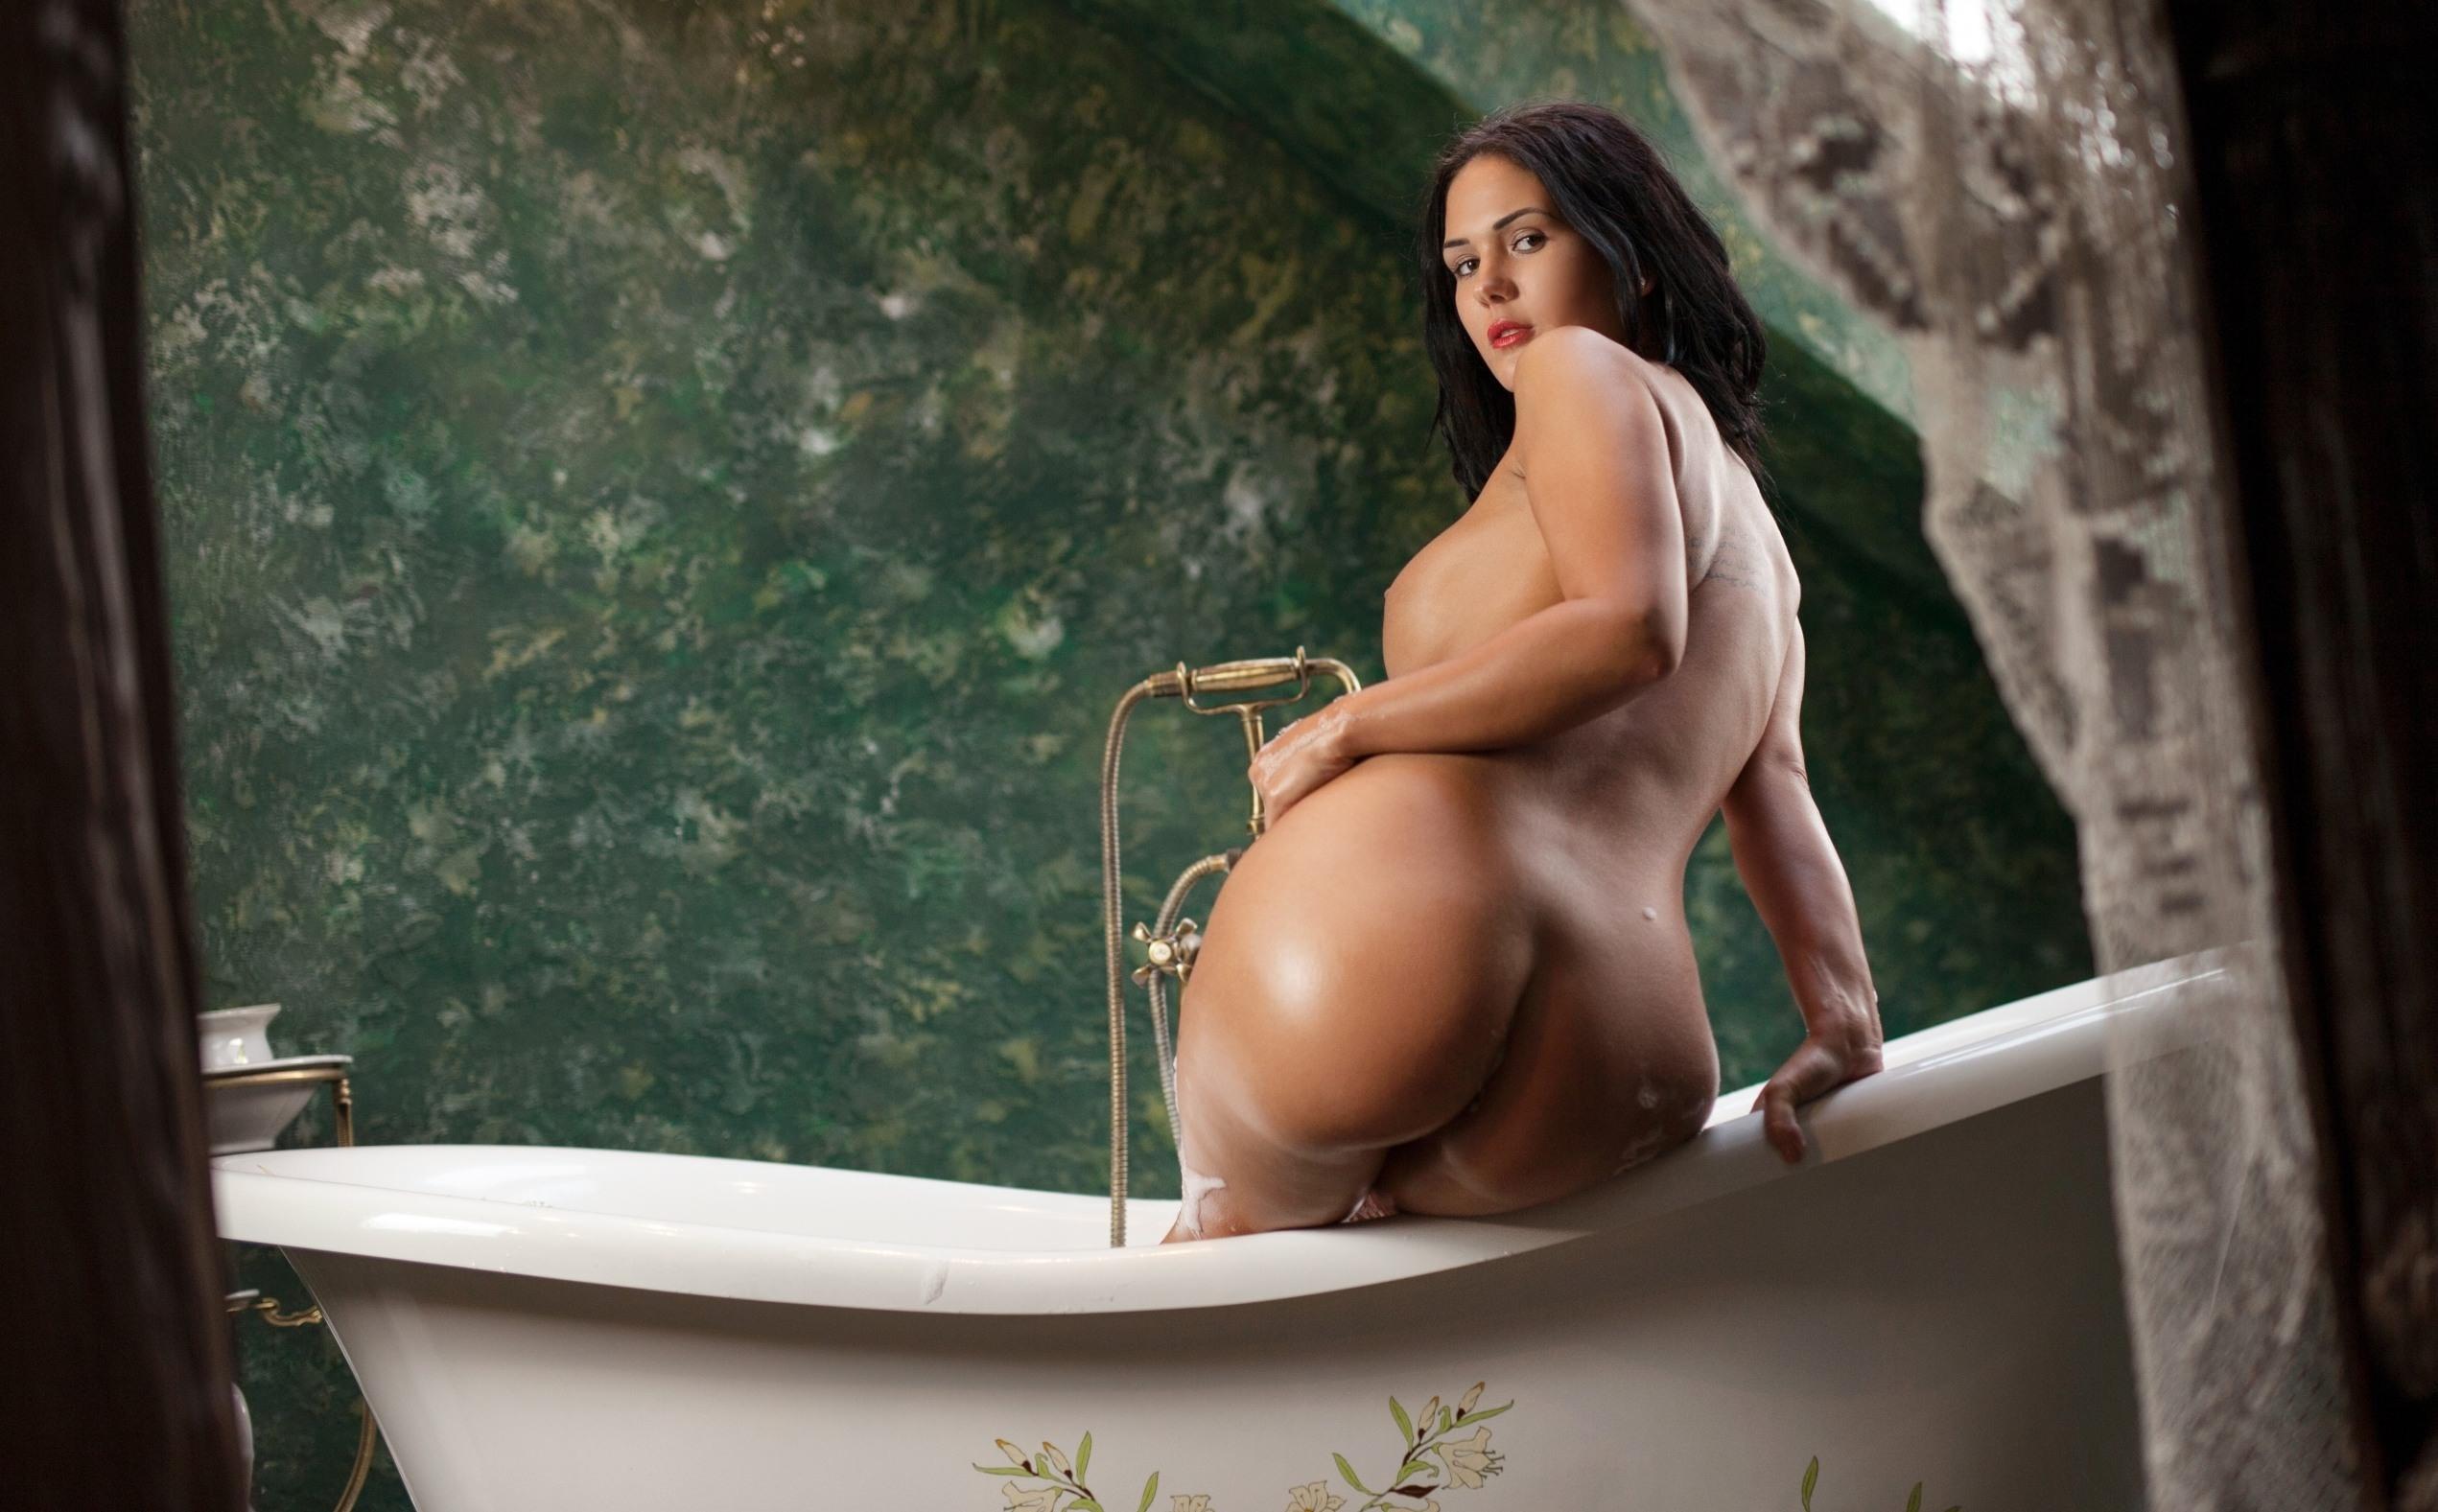 Фото Жгучая брюнетка в ванной, высунула аппетитную большую попку, мокрая задница, скачать картинку бесплатно